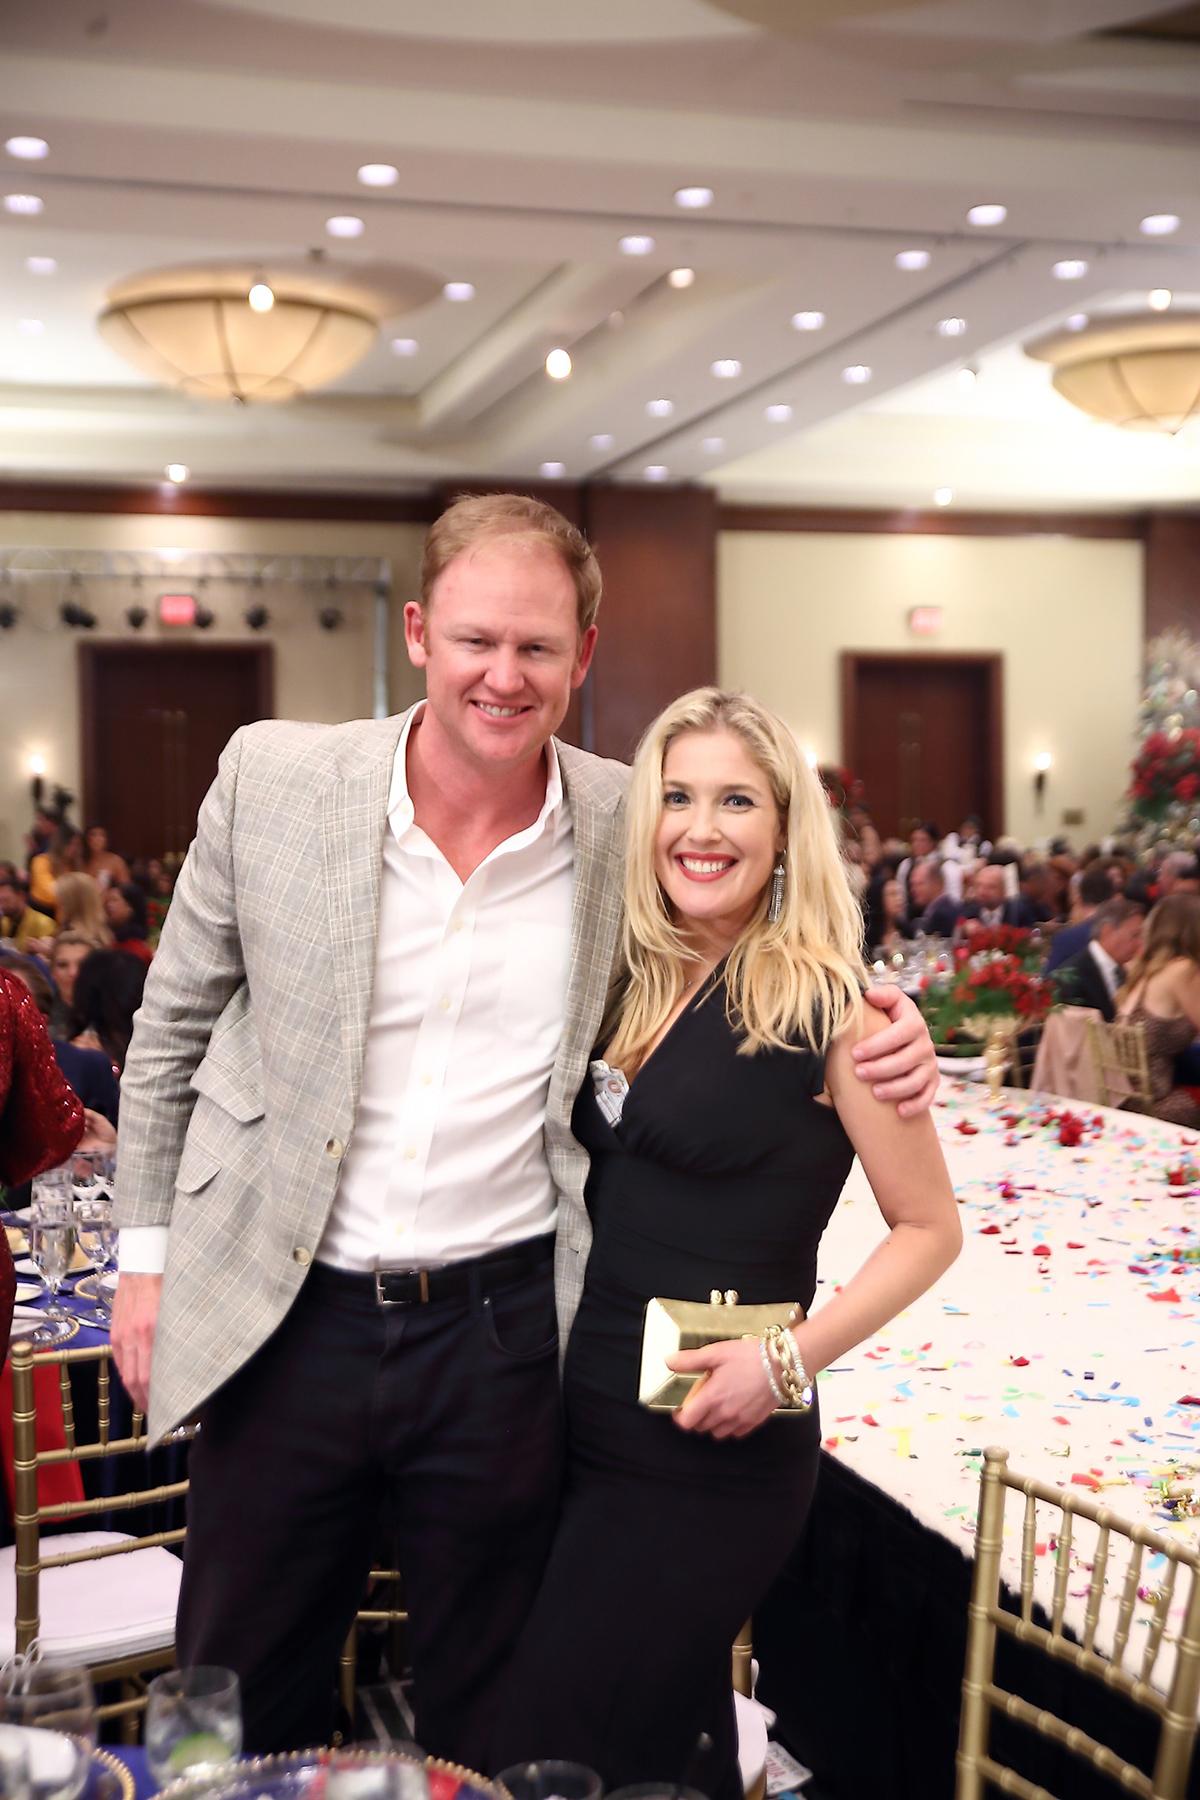 Jordan Frazier and Jennifer Roosth